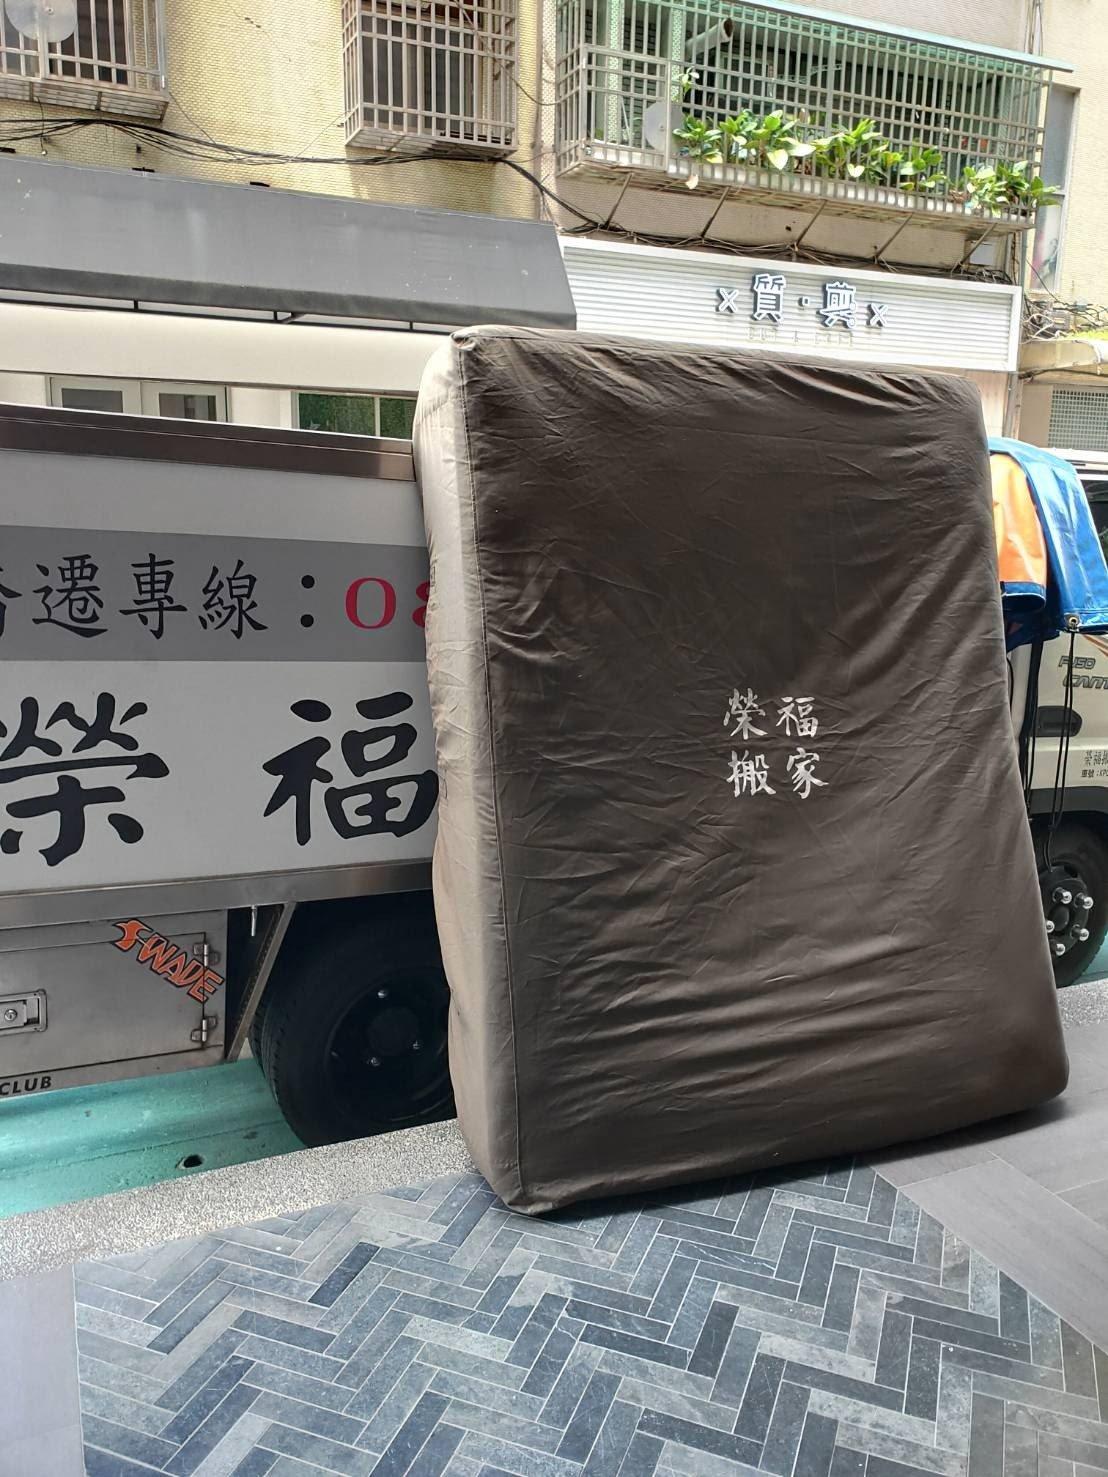 床墊套及裝箱使用電梯運送-台北搬家推薦榮福搬家